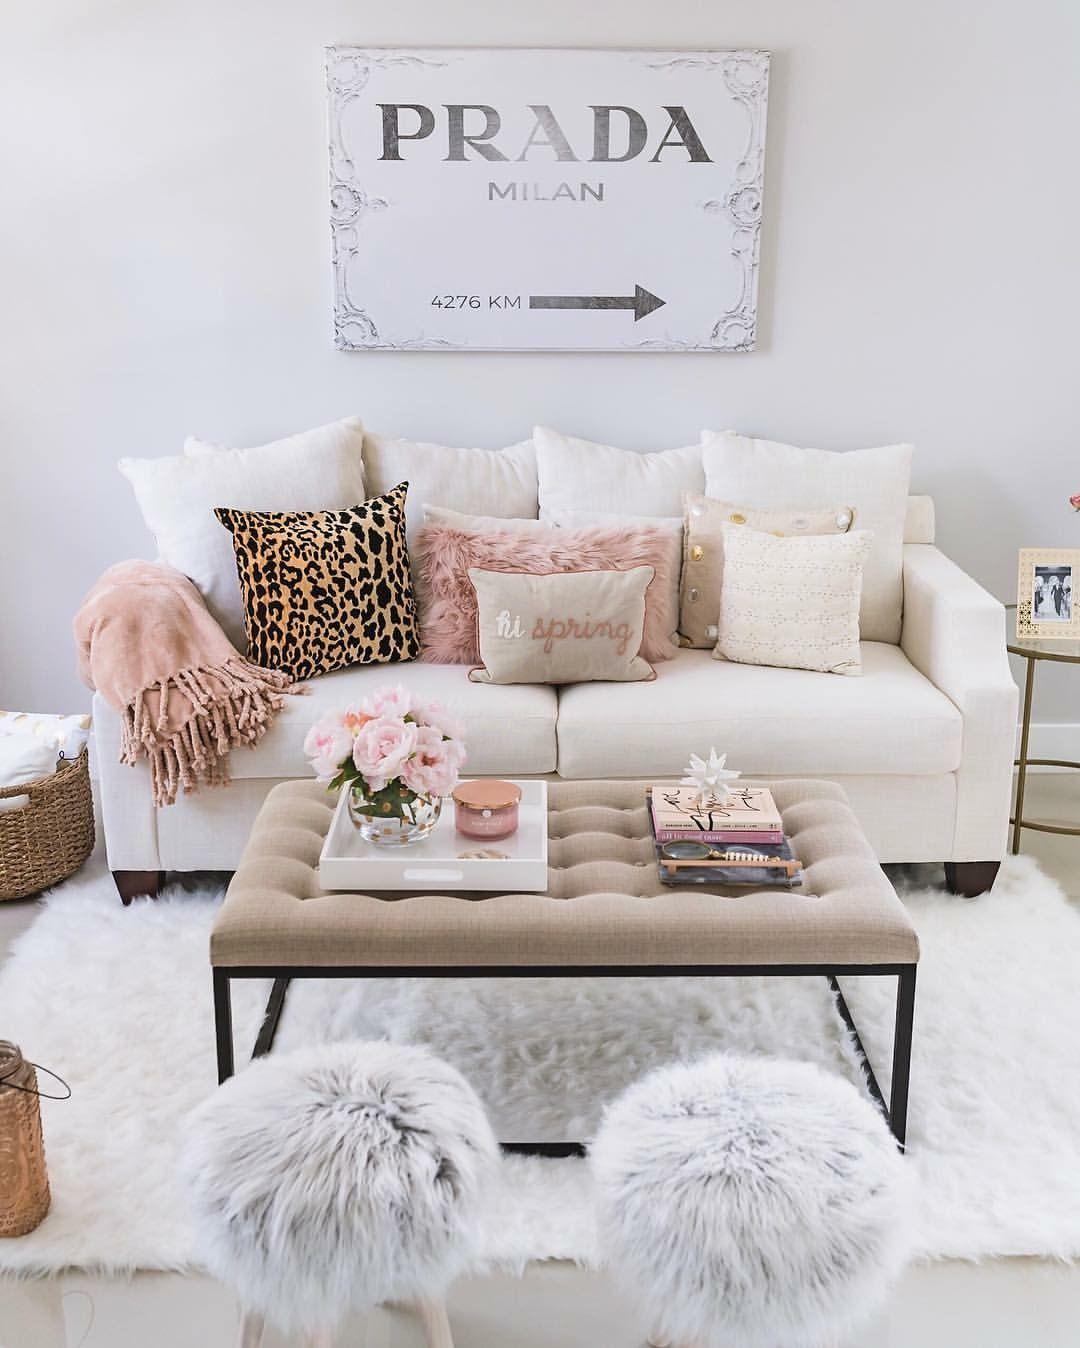 Pin von ✿Alexis Boley✿ auf Dream Home | Pinterest | Erste wohnung ...